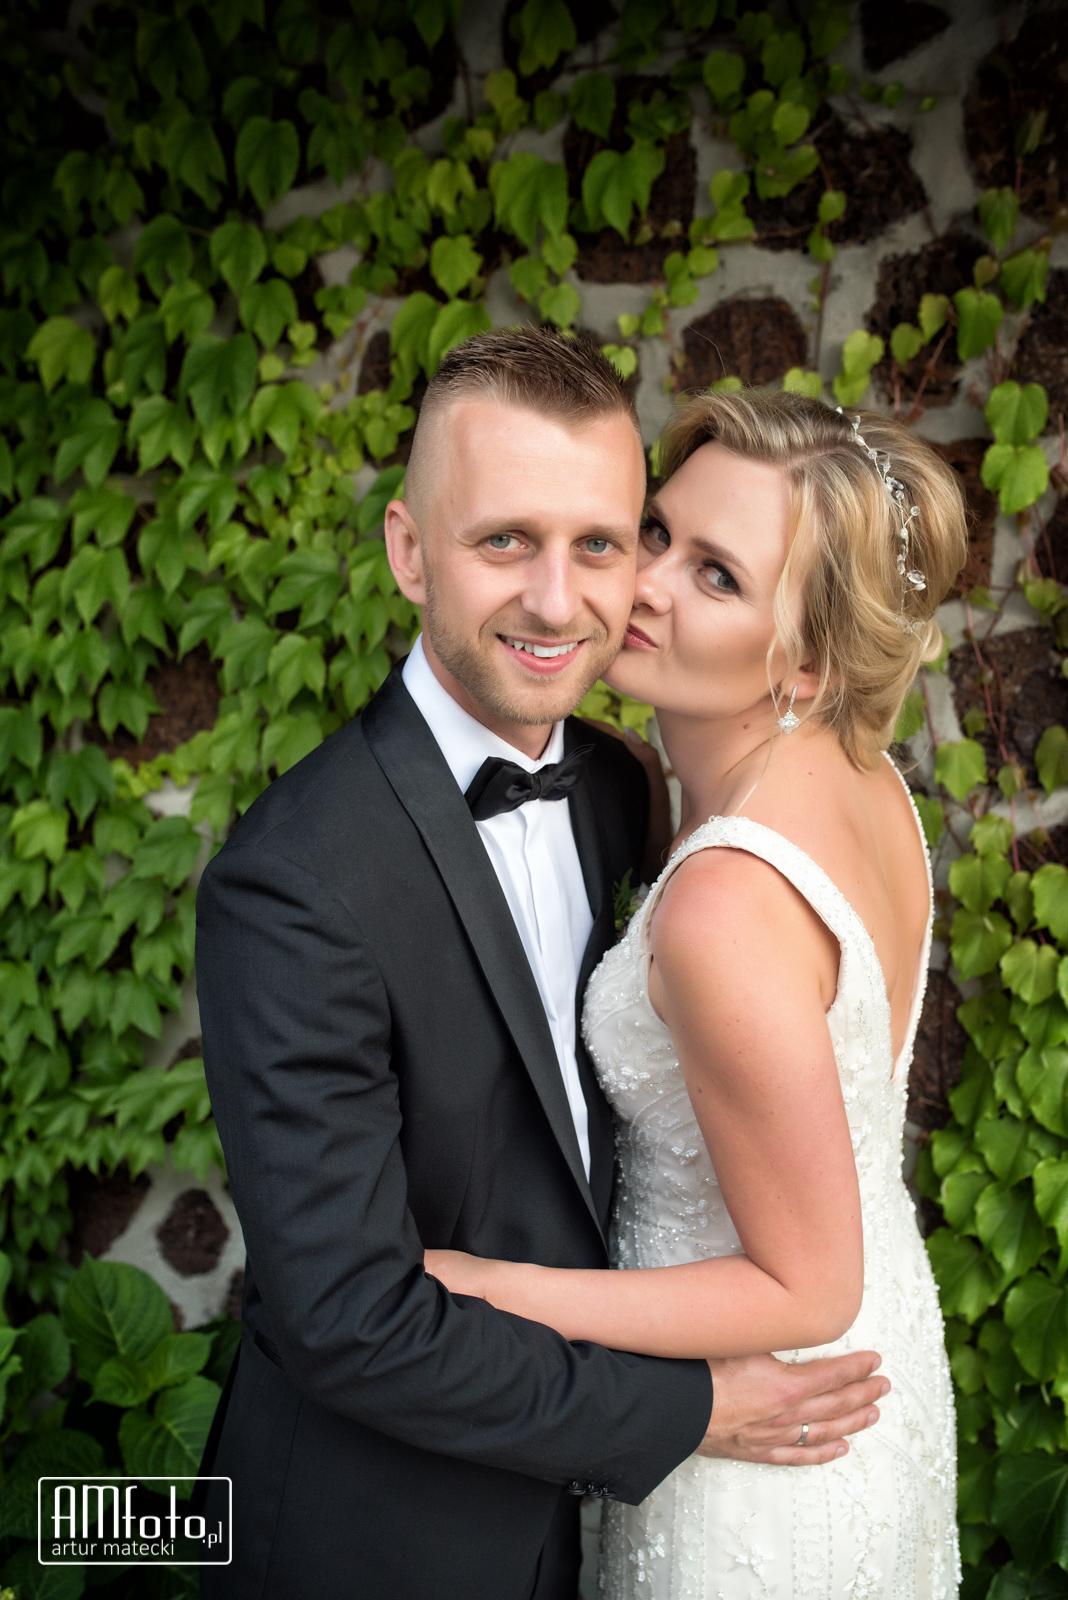 1040_Elzbieta&Patryk_fotoreportaz_ze_slubu_wesela_ostrow_wielkopolski_odolanow____www-amfoto-pl__AMF_0250.jpg